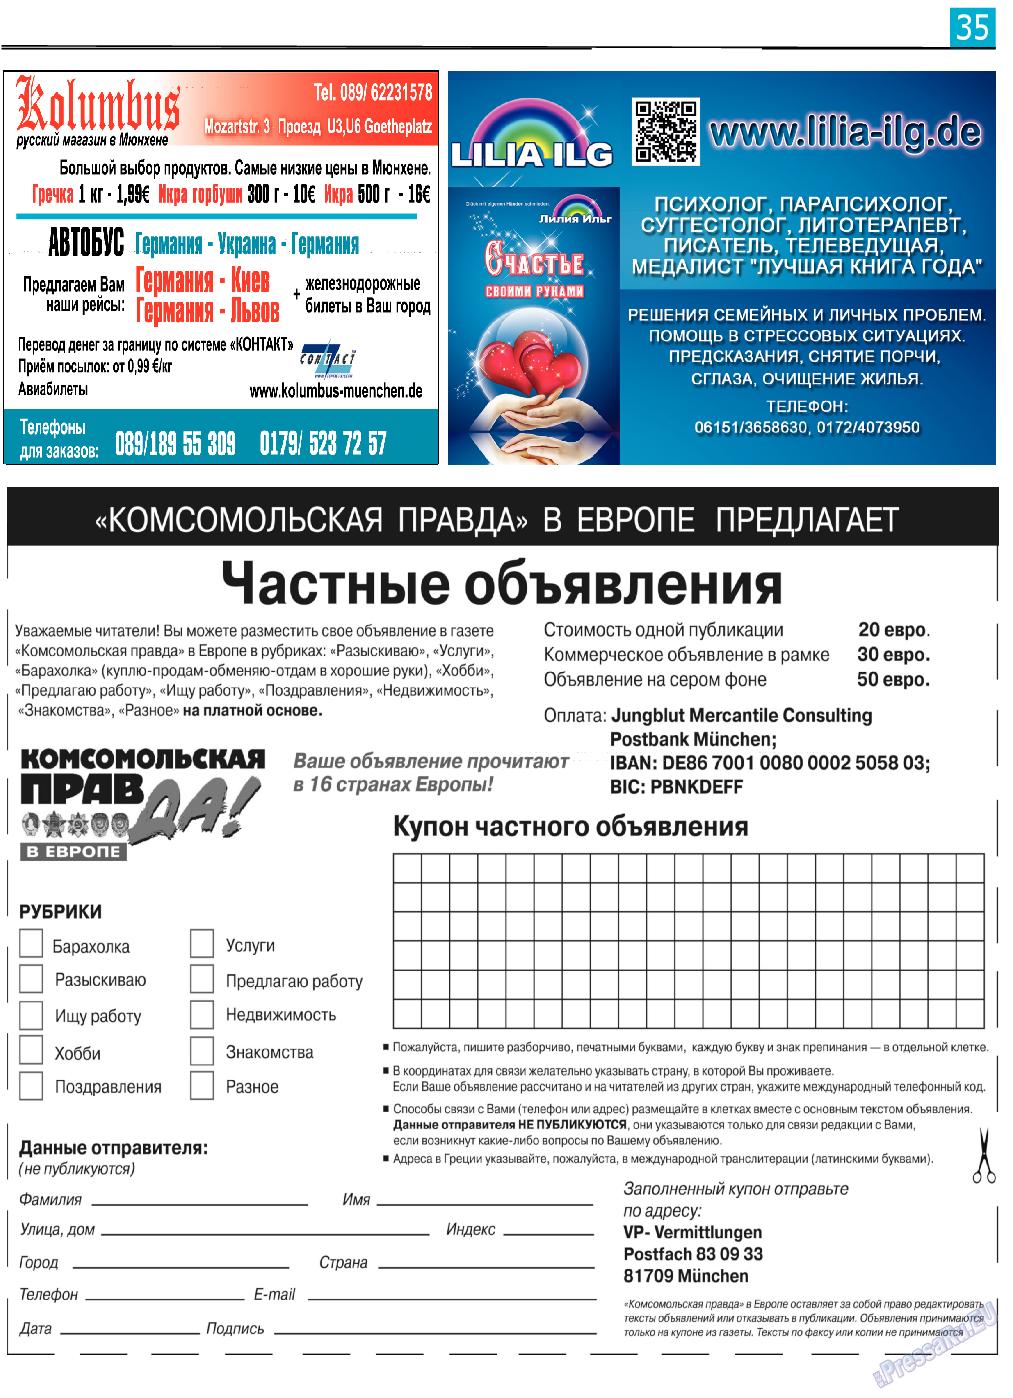 КП в Европе (газета). 2019 год, номер 27, стр. 35